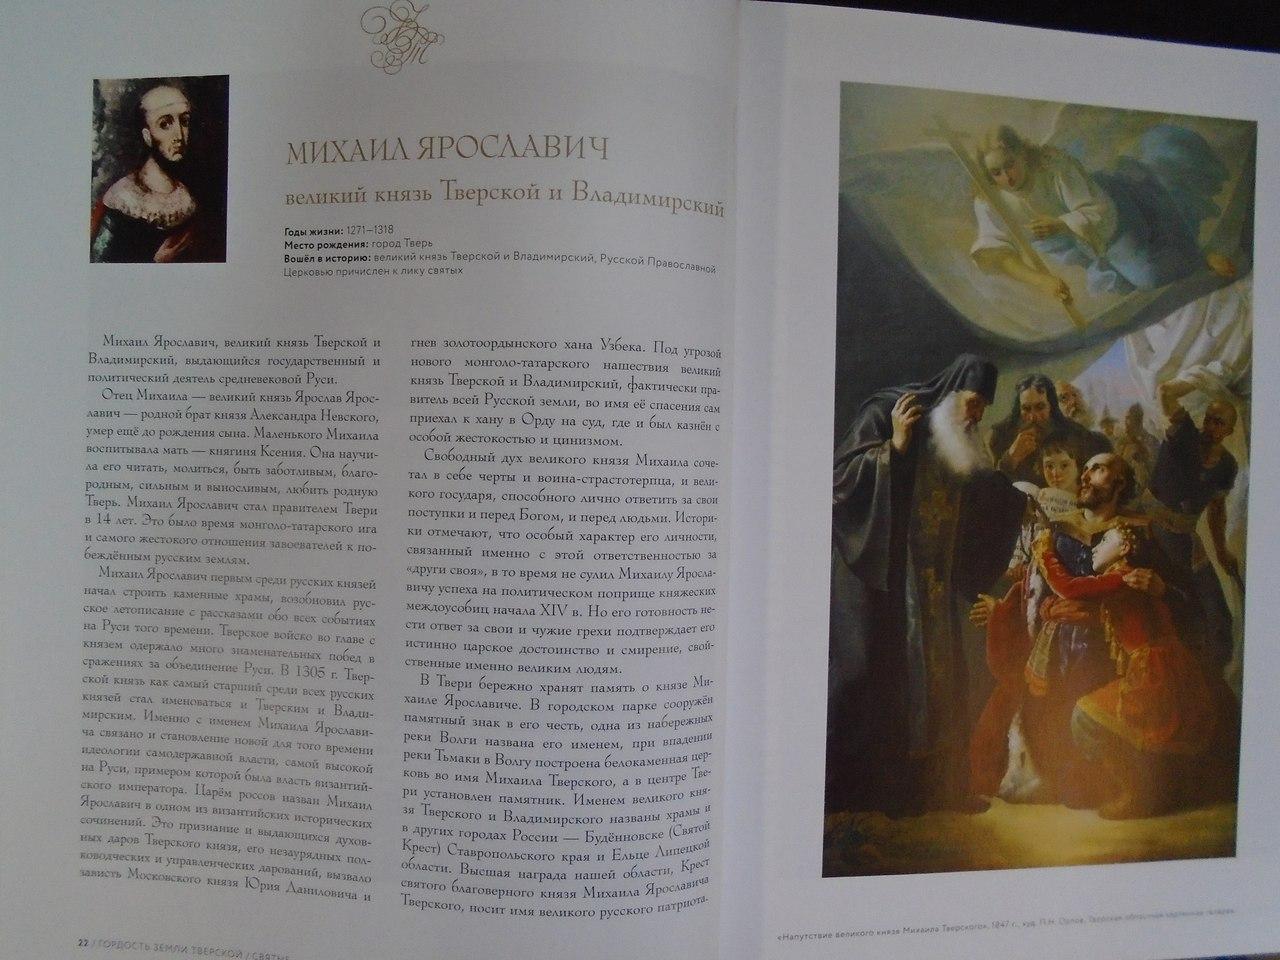 День памяти Великого князя Михаила Ярославича Тверского.